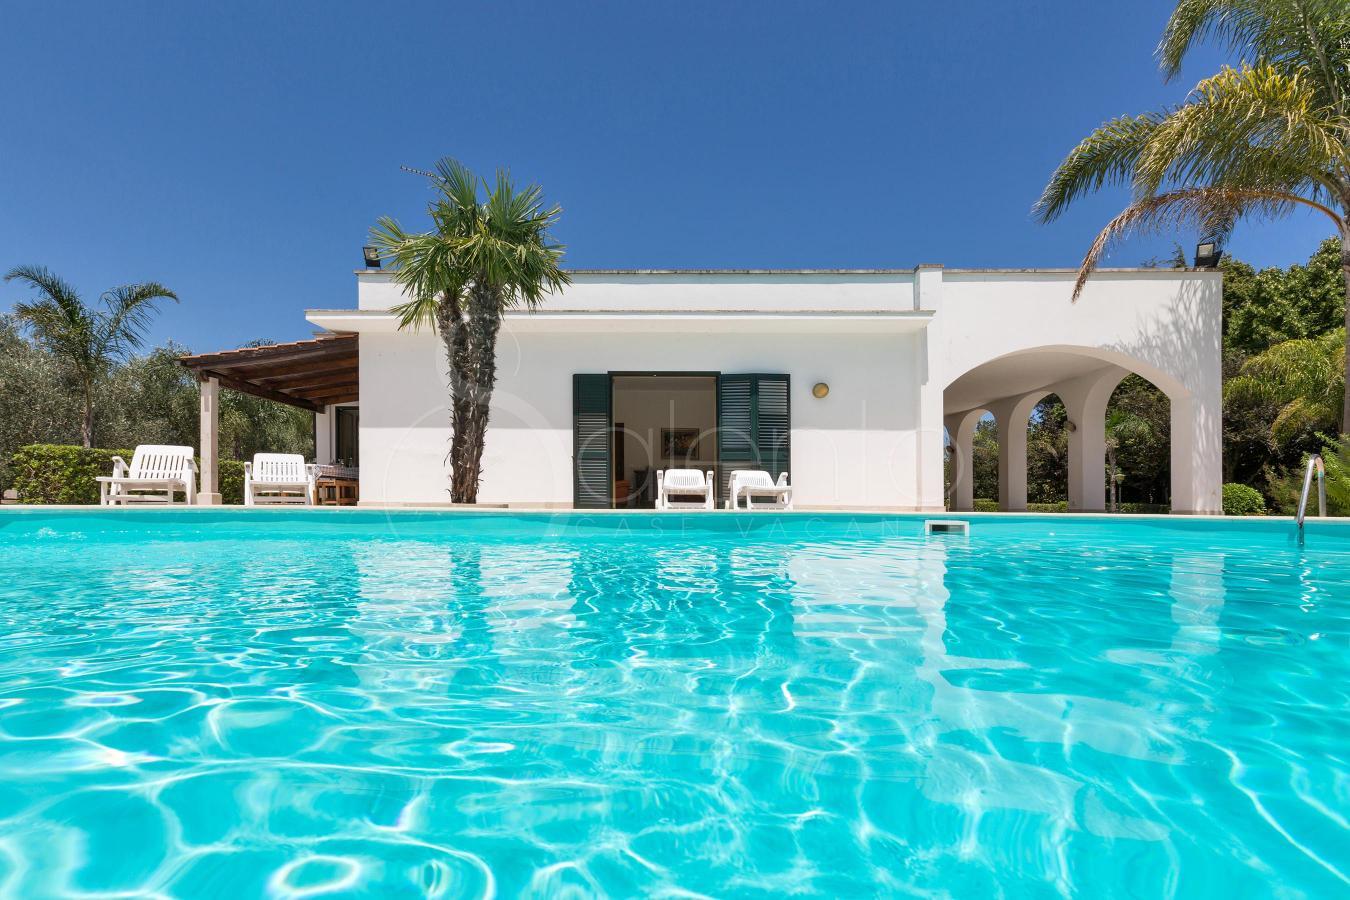 Villa con piscina e giardino per vacanze nel salento a - Villa con piscina salento ...